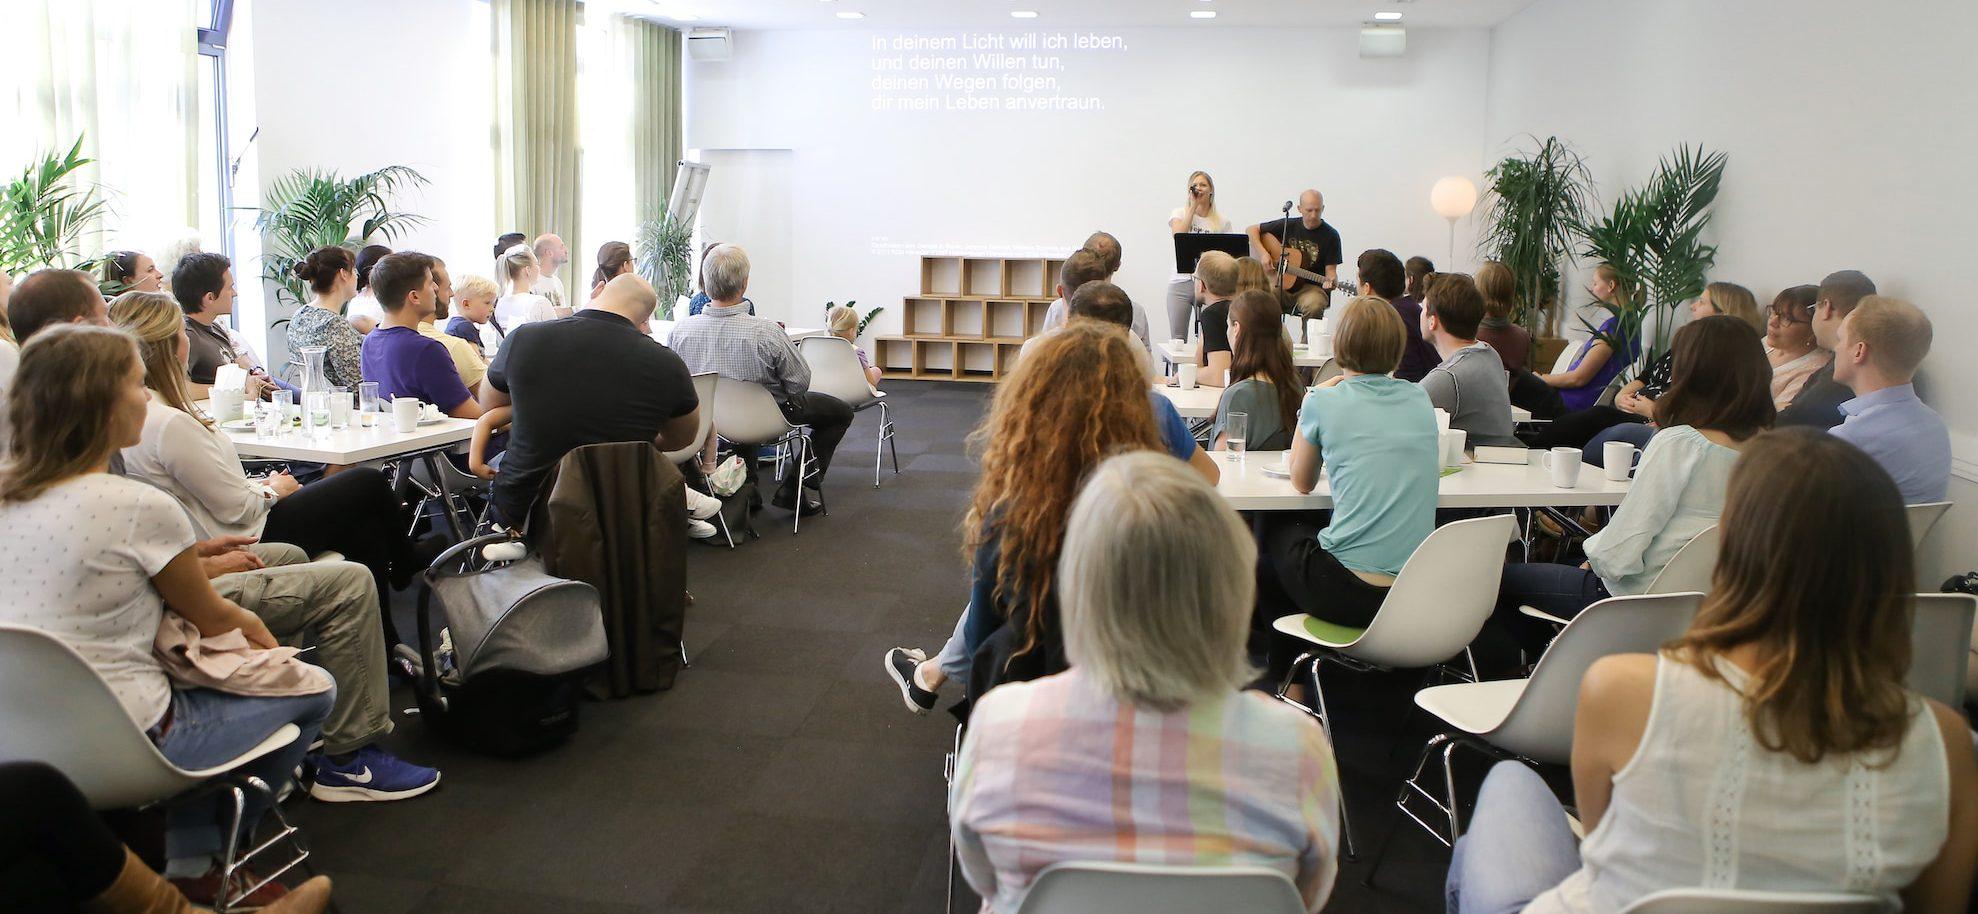 Lobpreis im evangelischen Gottesdienst in der Citychurch München